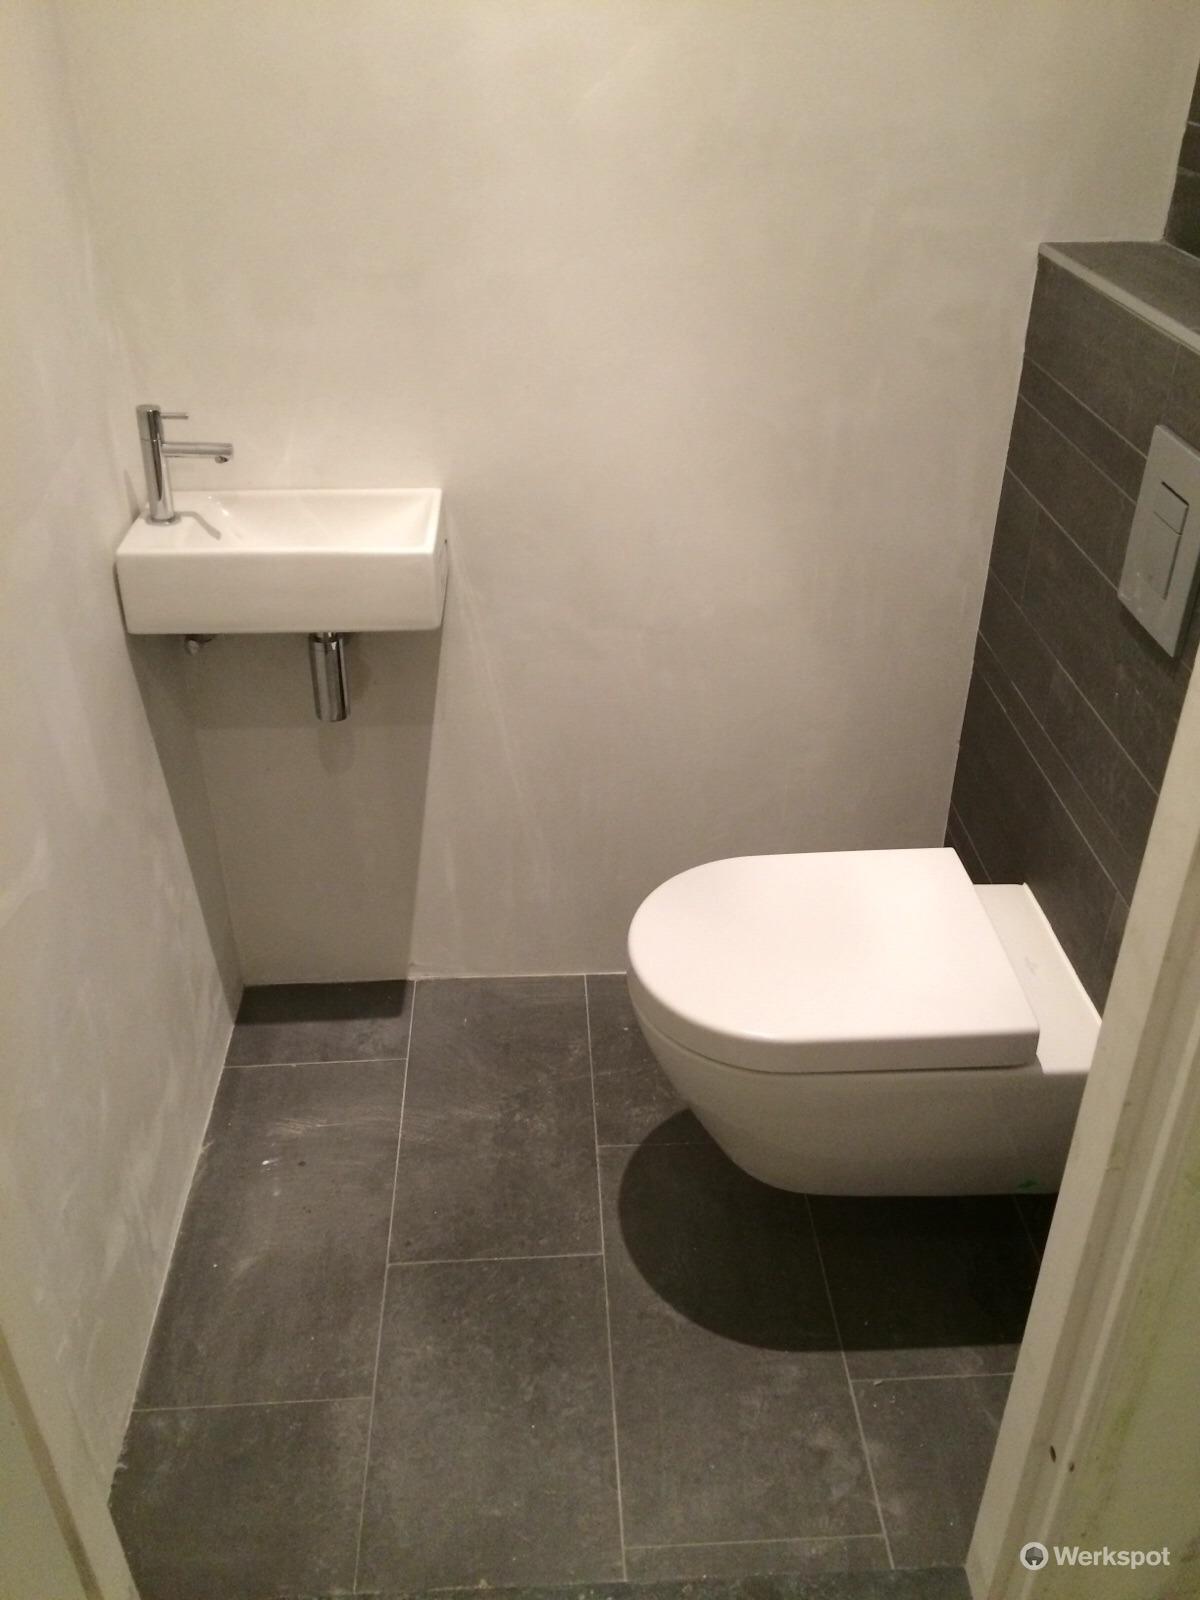 Complete badkamer en toilet plaatsen - Werkspot